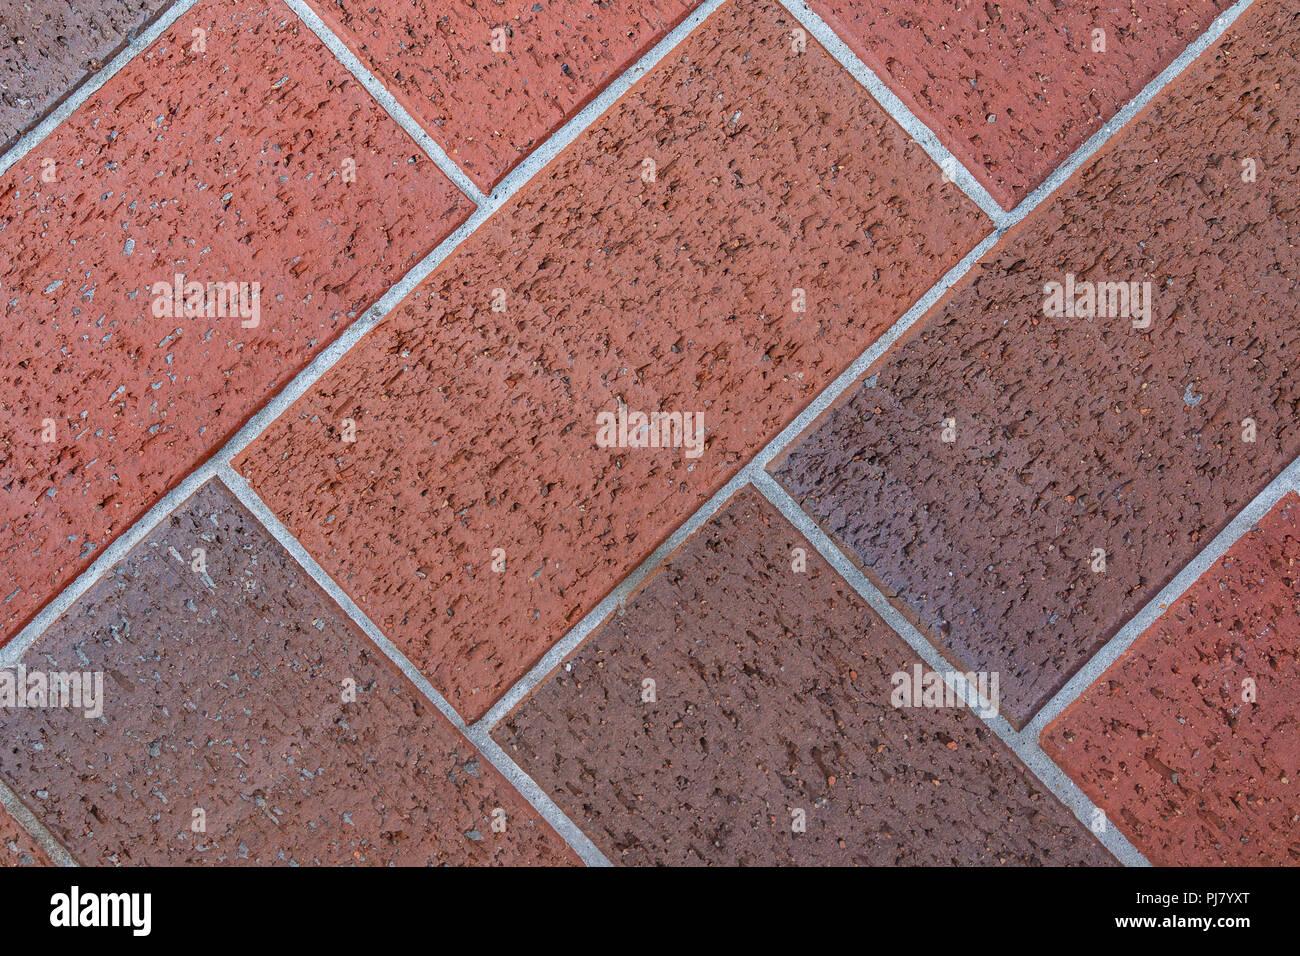 Muster Pflasterstein Fur Den Einsatz Als Hintergrund In Vorlagen Oder Layouts Stockfotografie Alamy